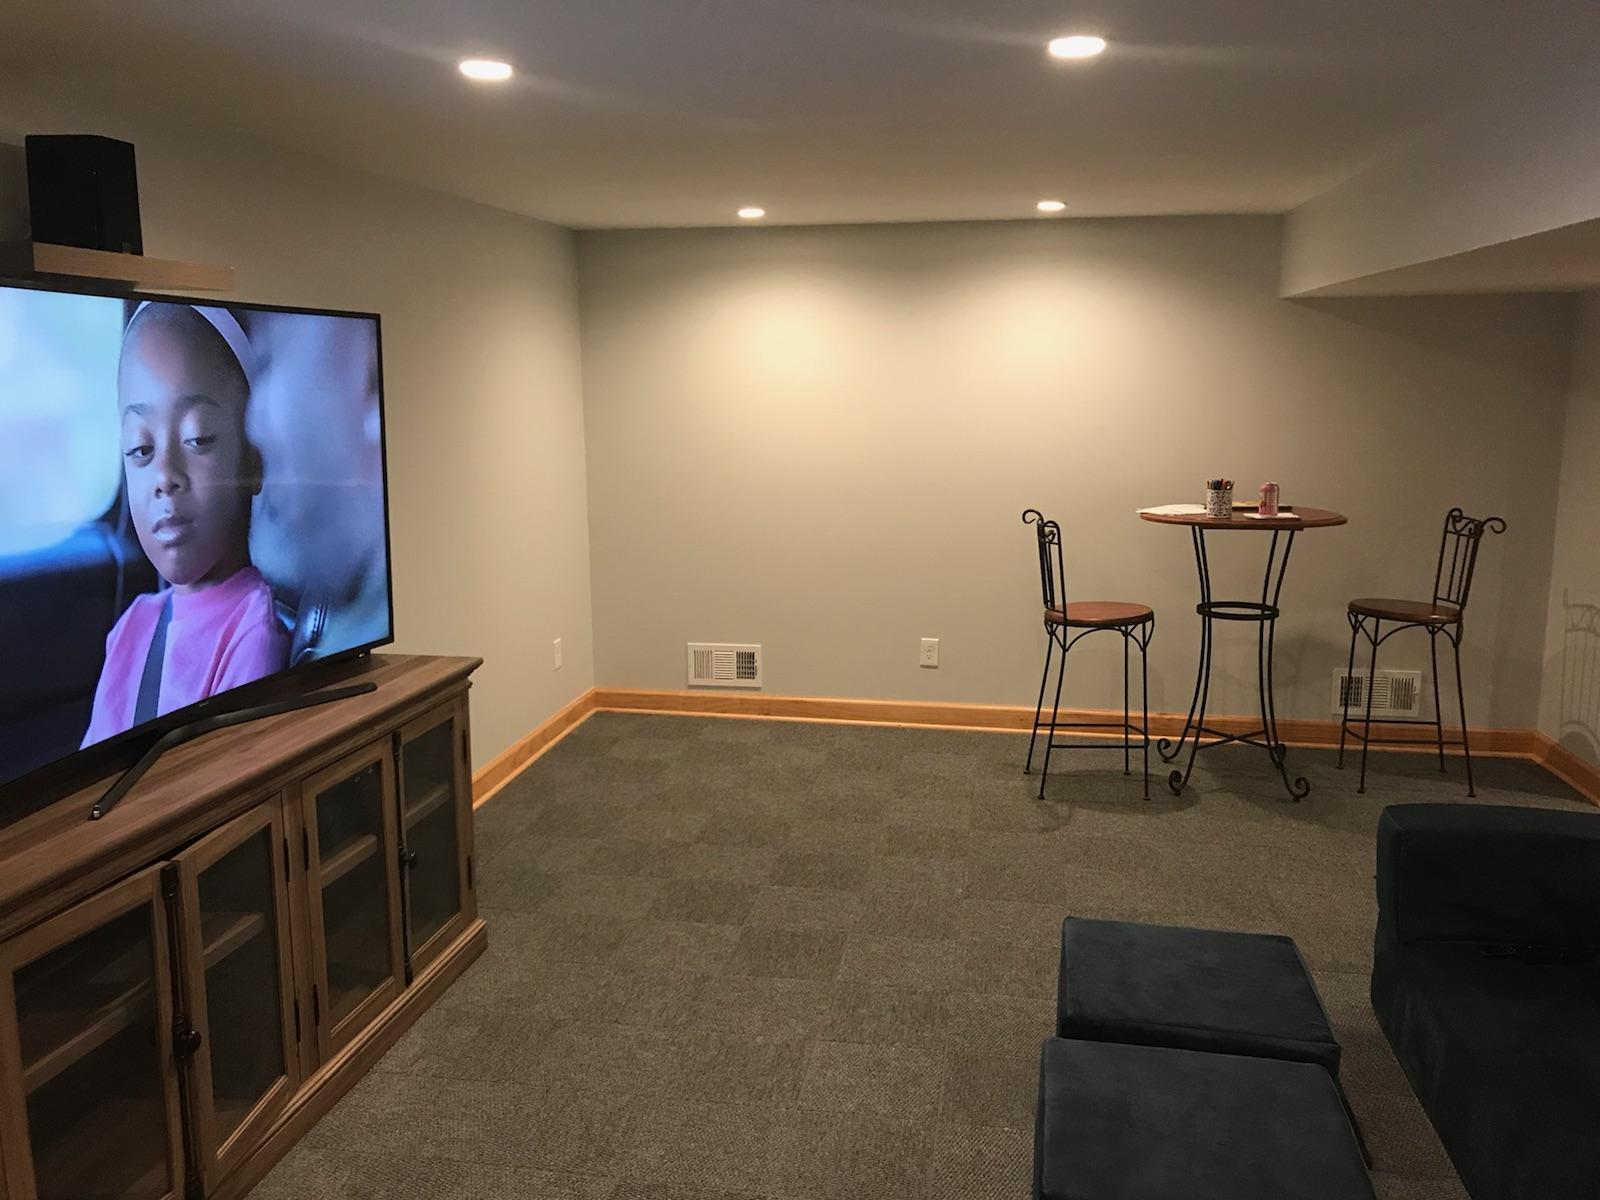 New flooring in Buffalo, NY